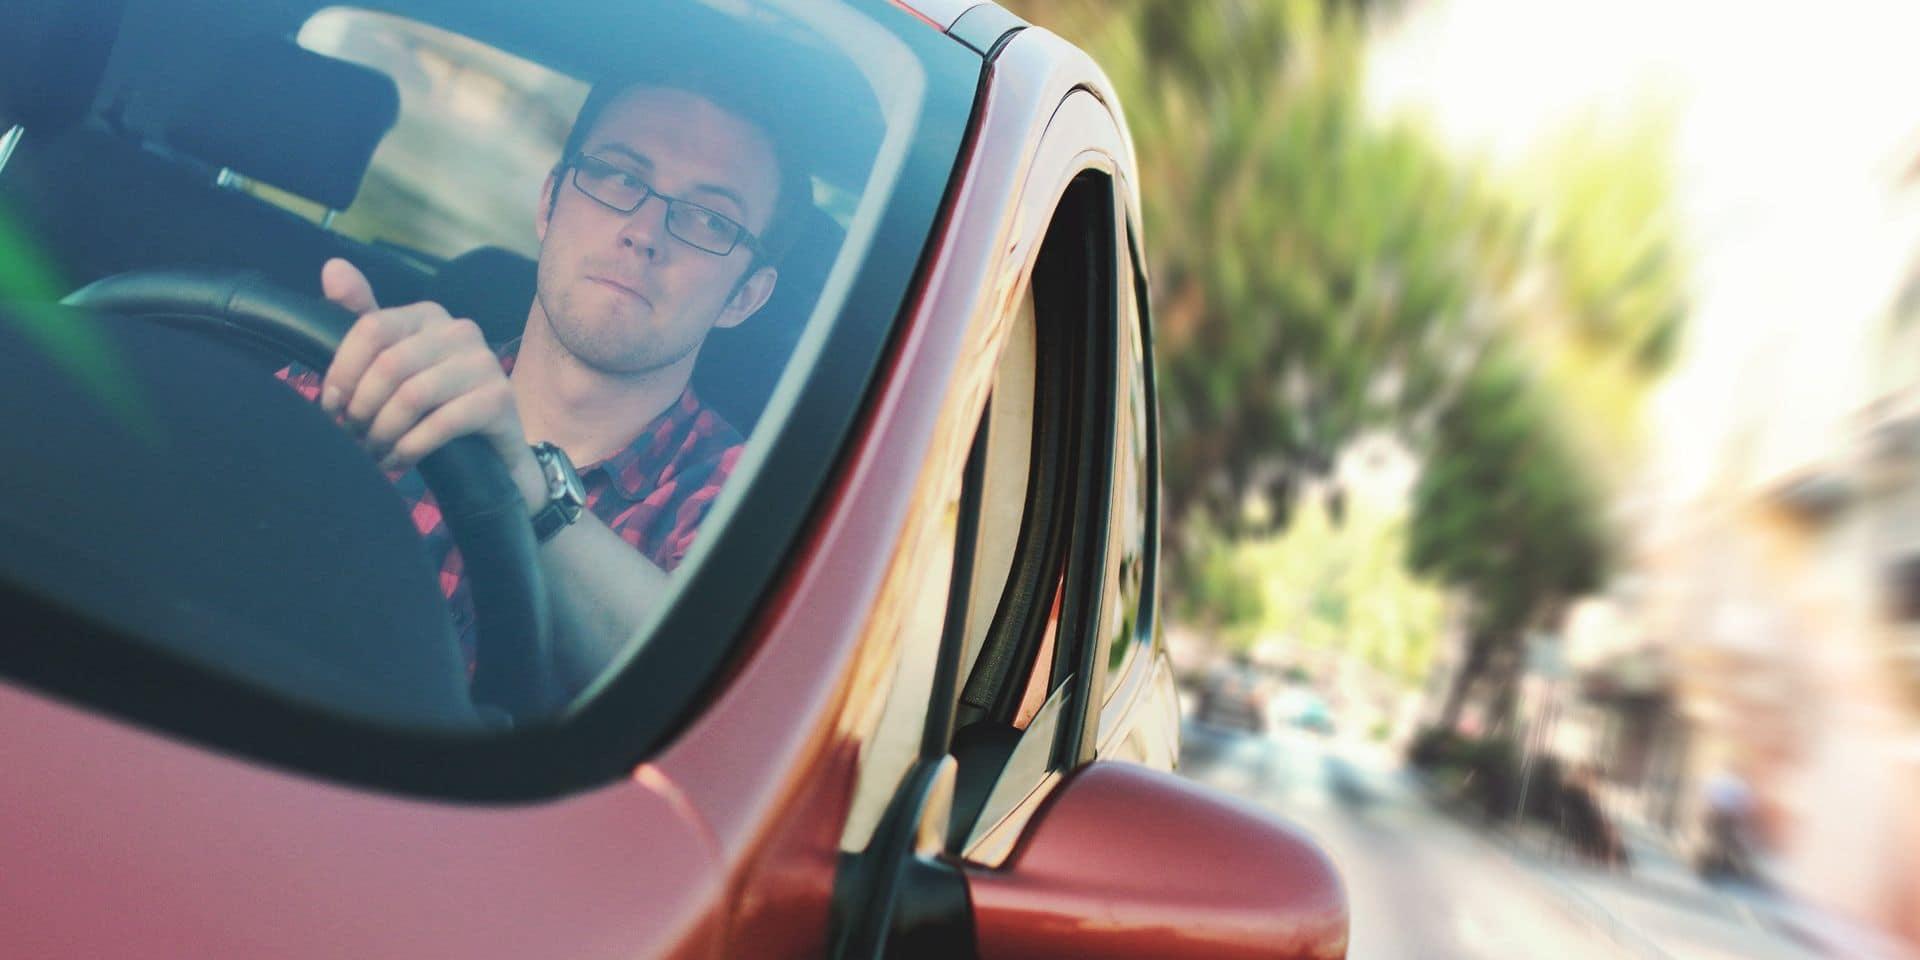 Stressé en voiture? Une astuce pour se détendre au volant